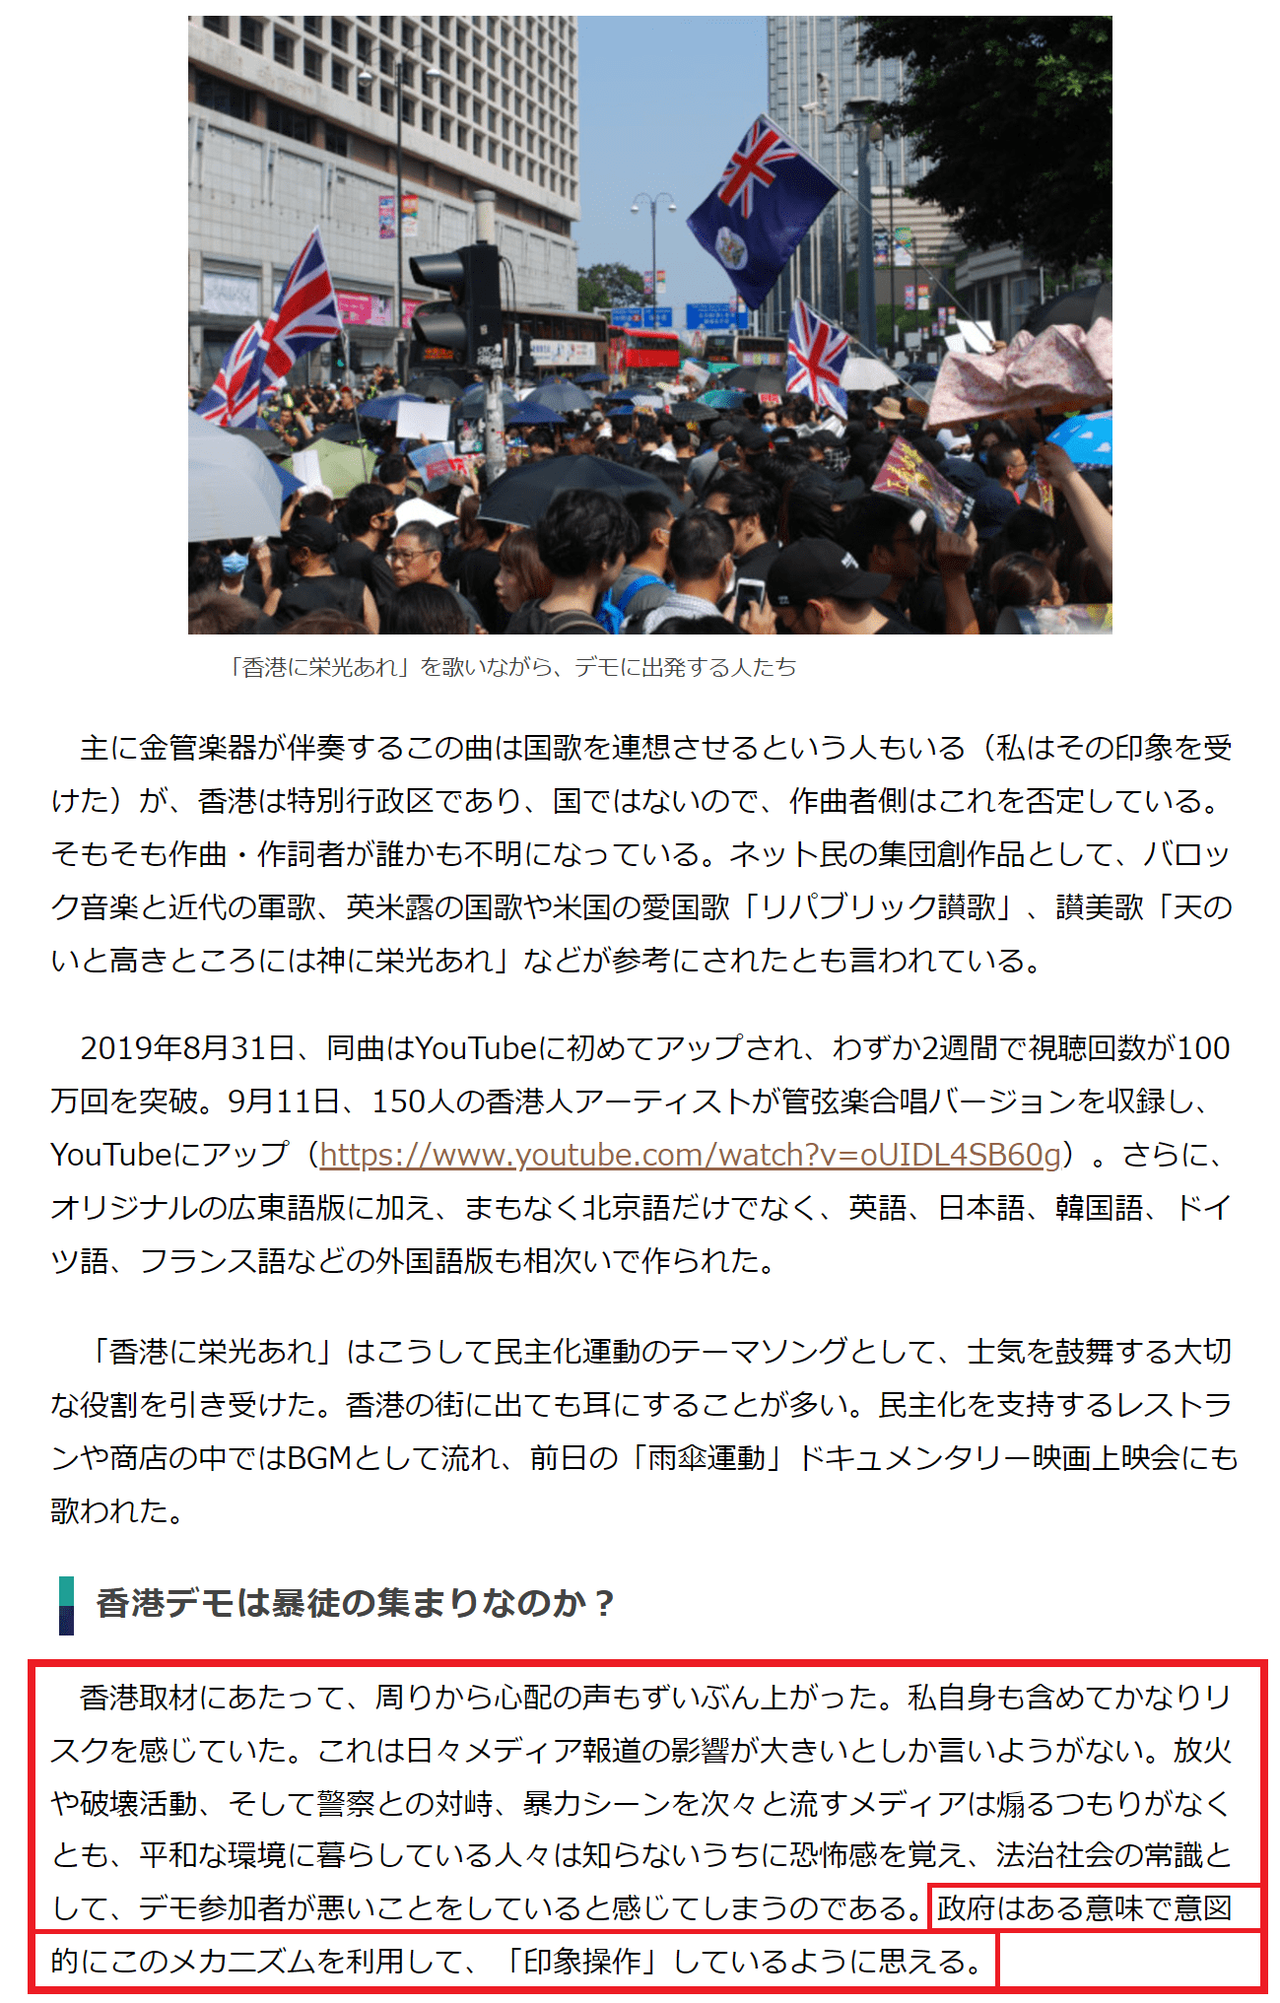 香港デモは暴徒の集まりなのか?現場取材で分かったこと5